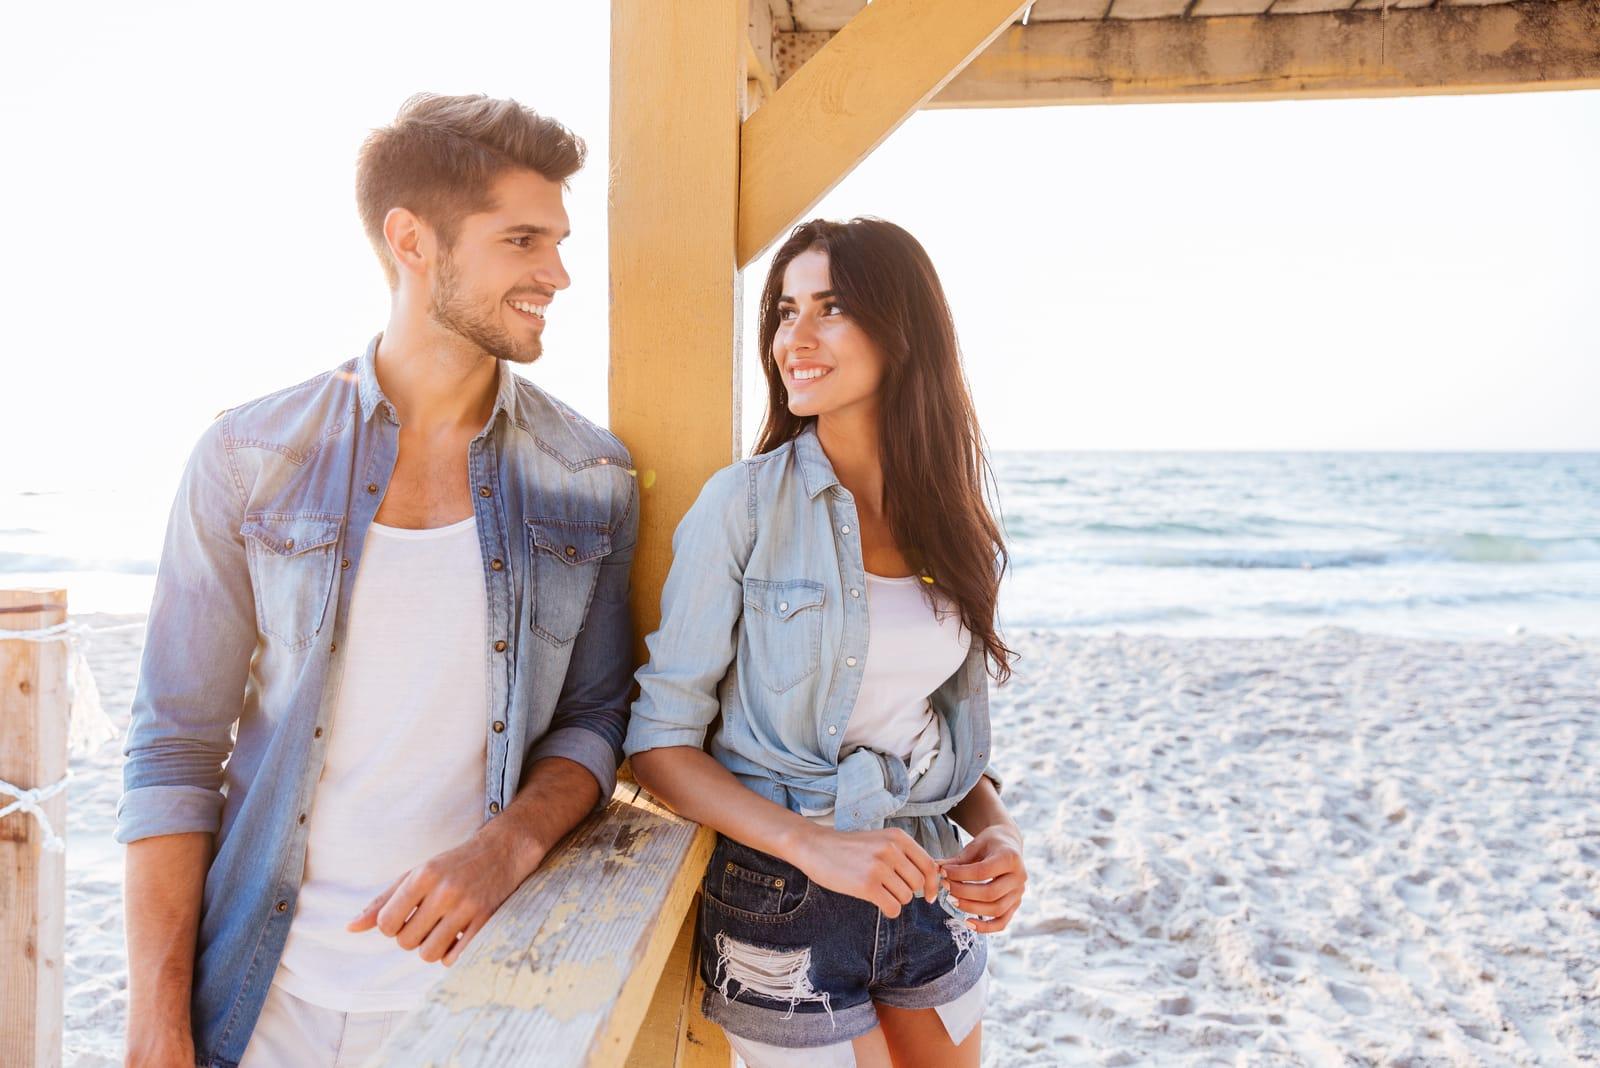 couple on the beach flirting